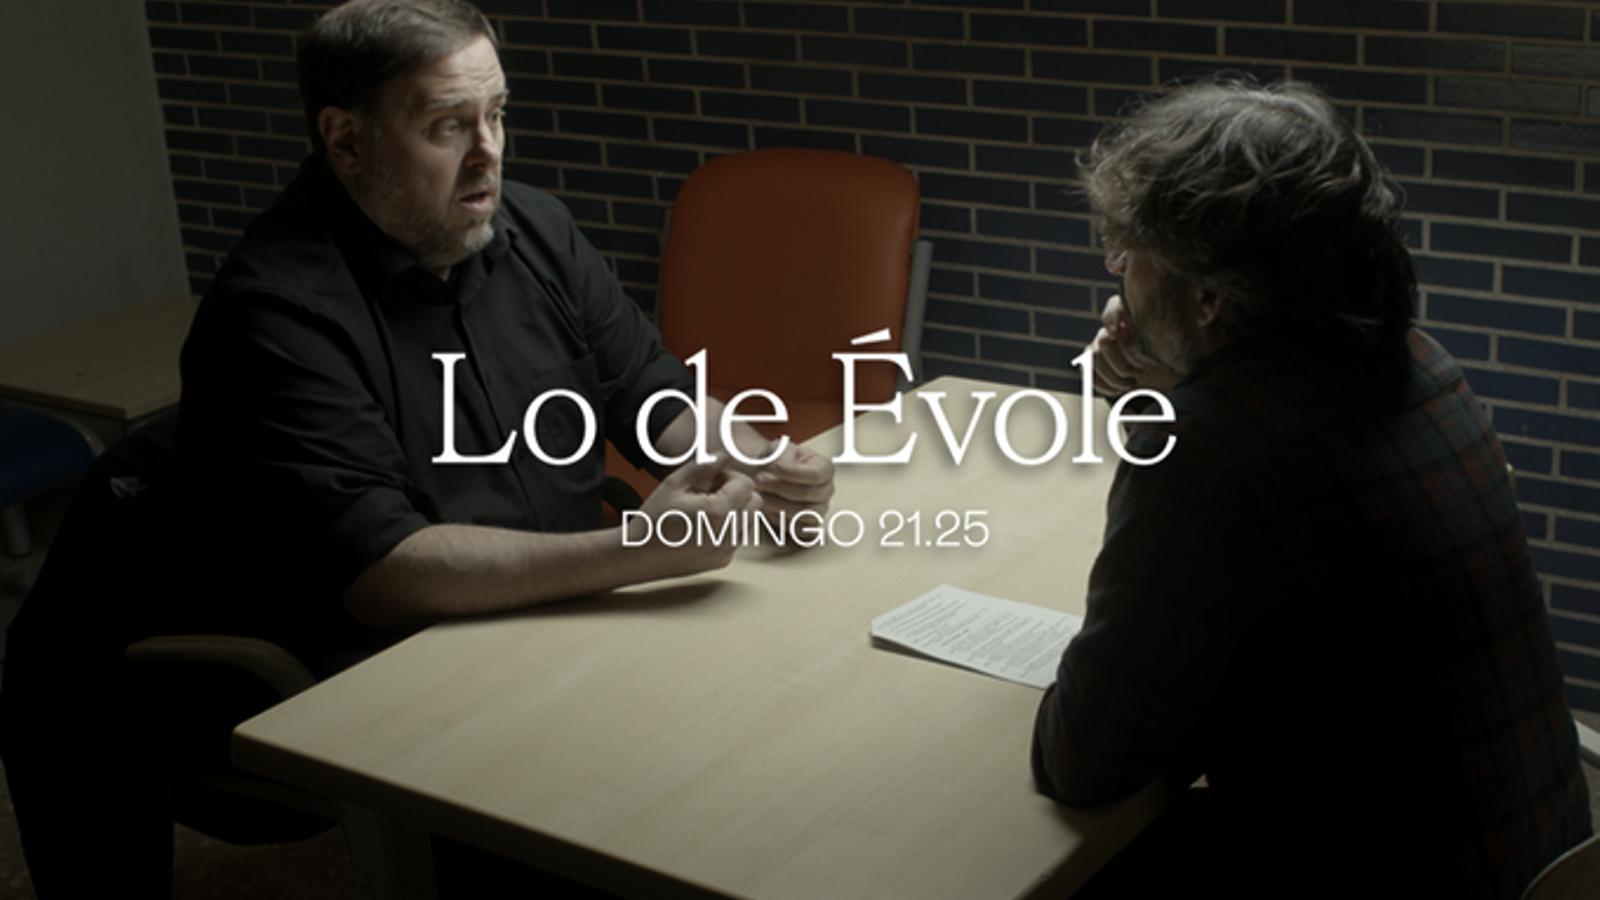 Jordi Évole entrevistarà Oriol Junqueras a Lledoners amb càmares de televisió